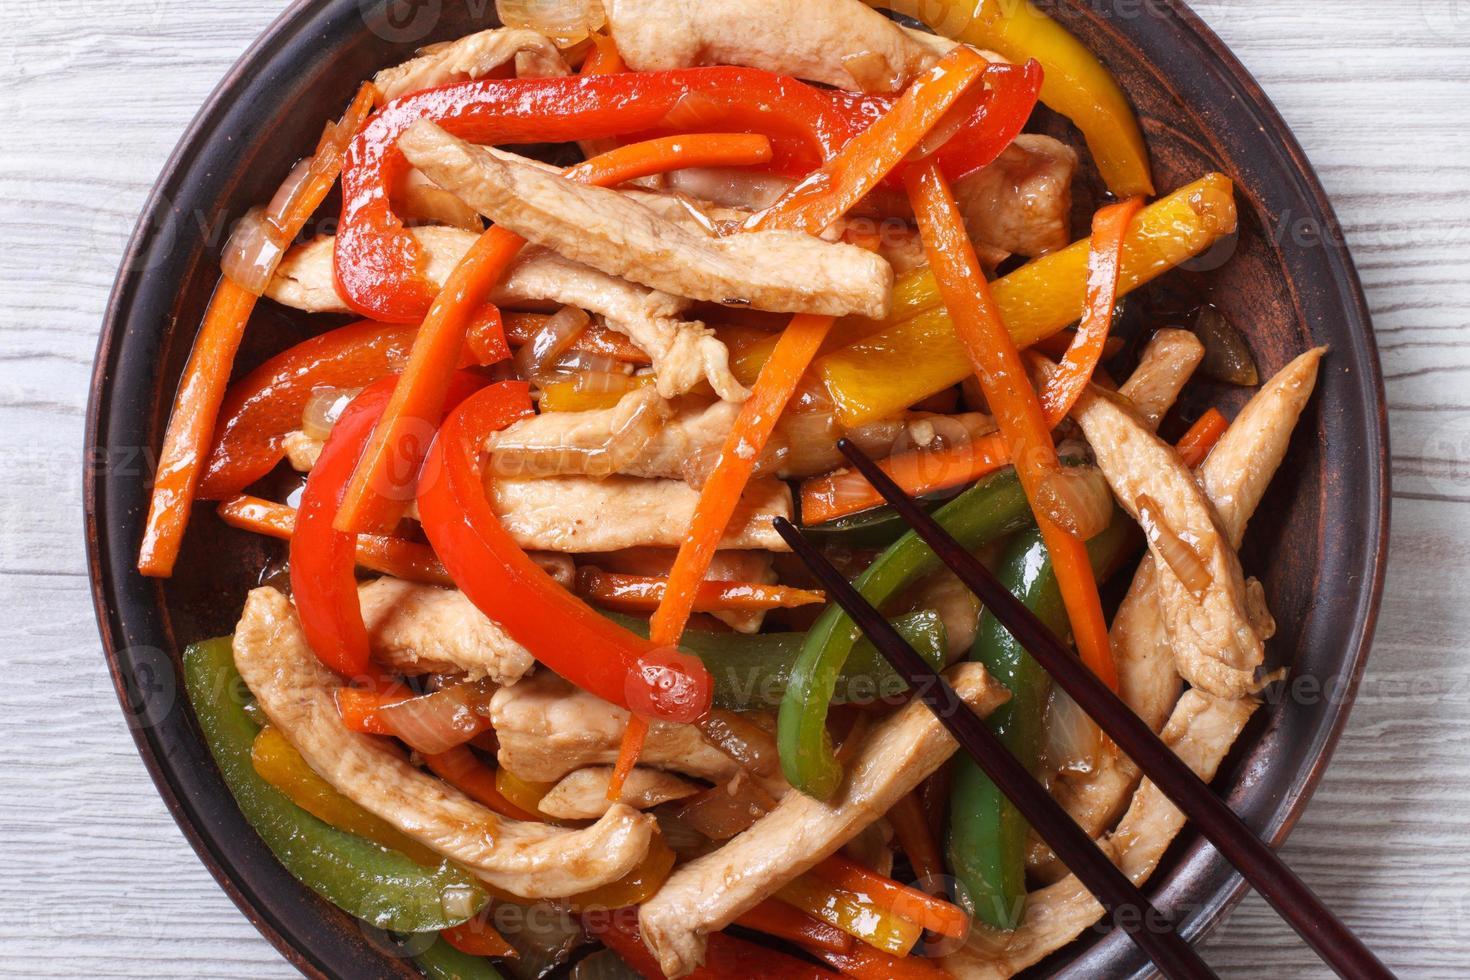 Huhn mit Gemüse Nahaufnahme auf einem Teller. Draufsicht foto